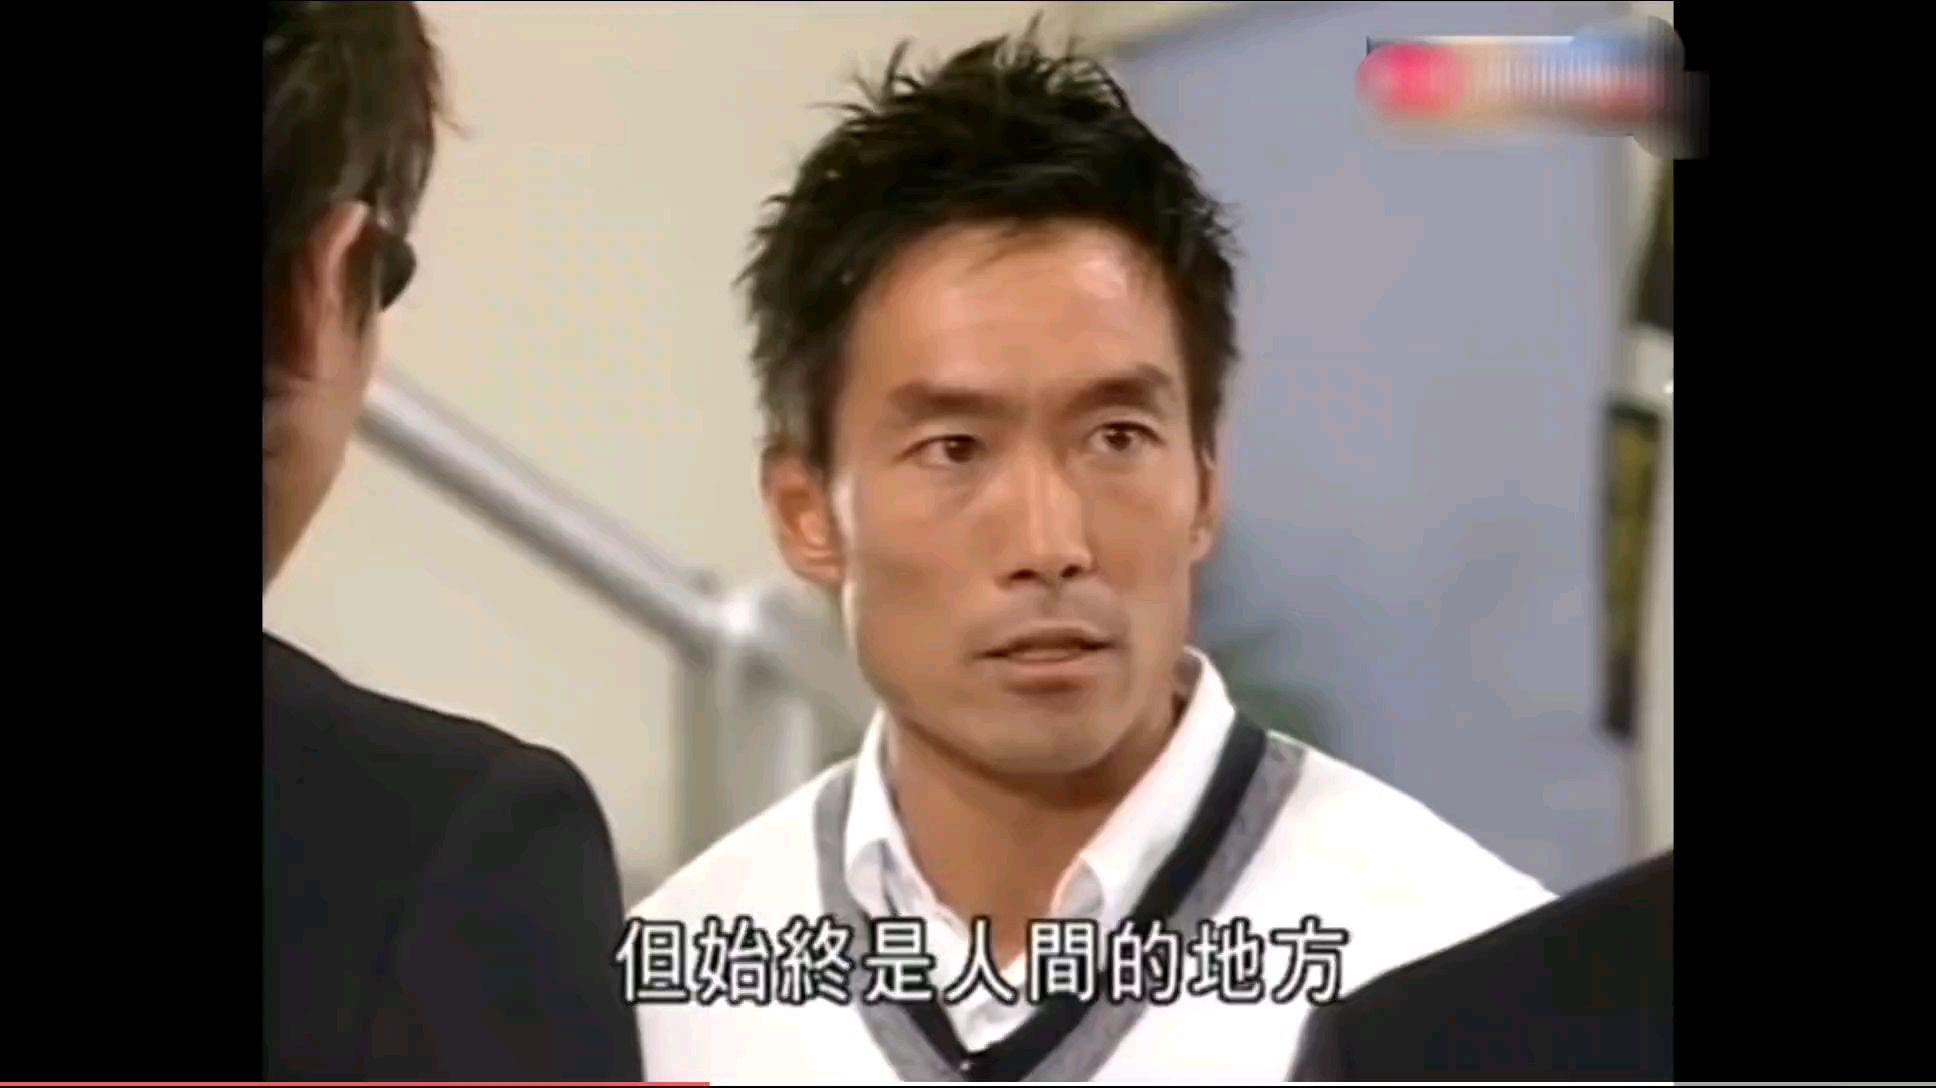 去叫地藏王上来 我要告诉他 这里只有一个浩南 那就是我司徒浩南